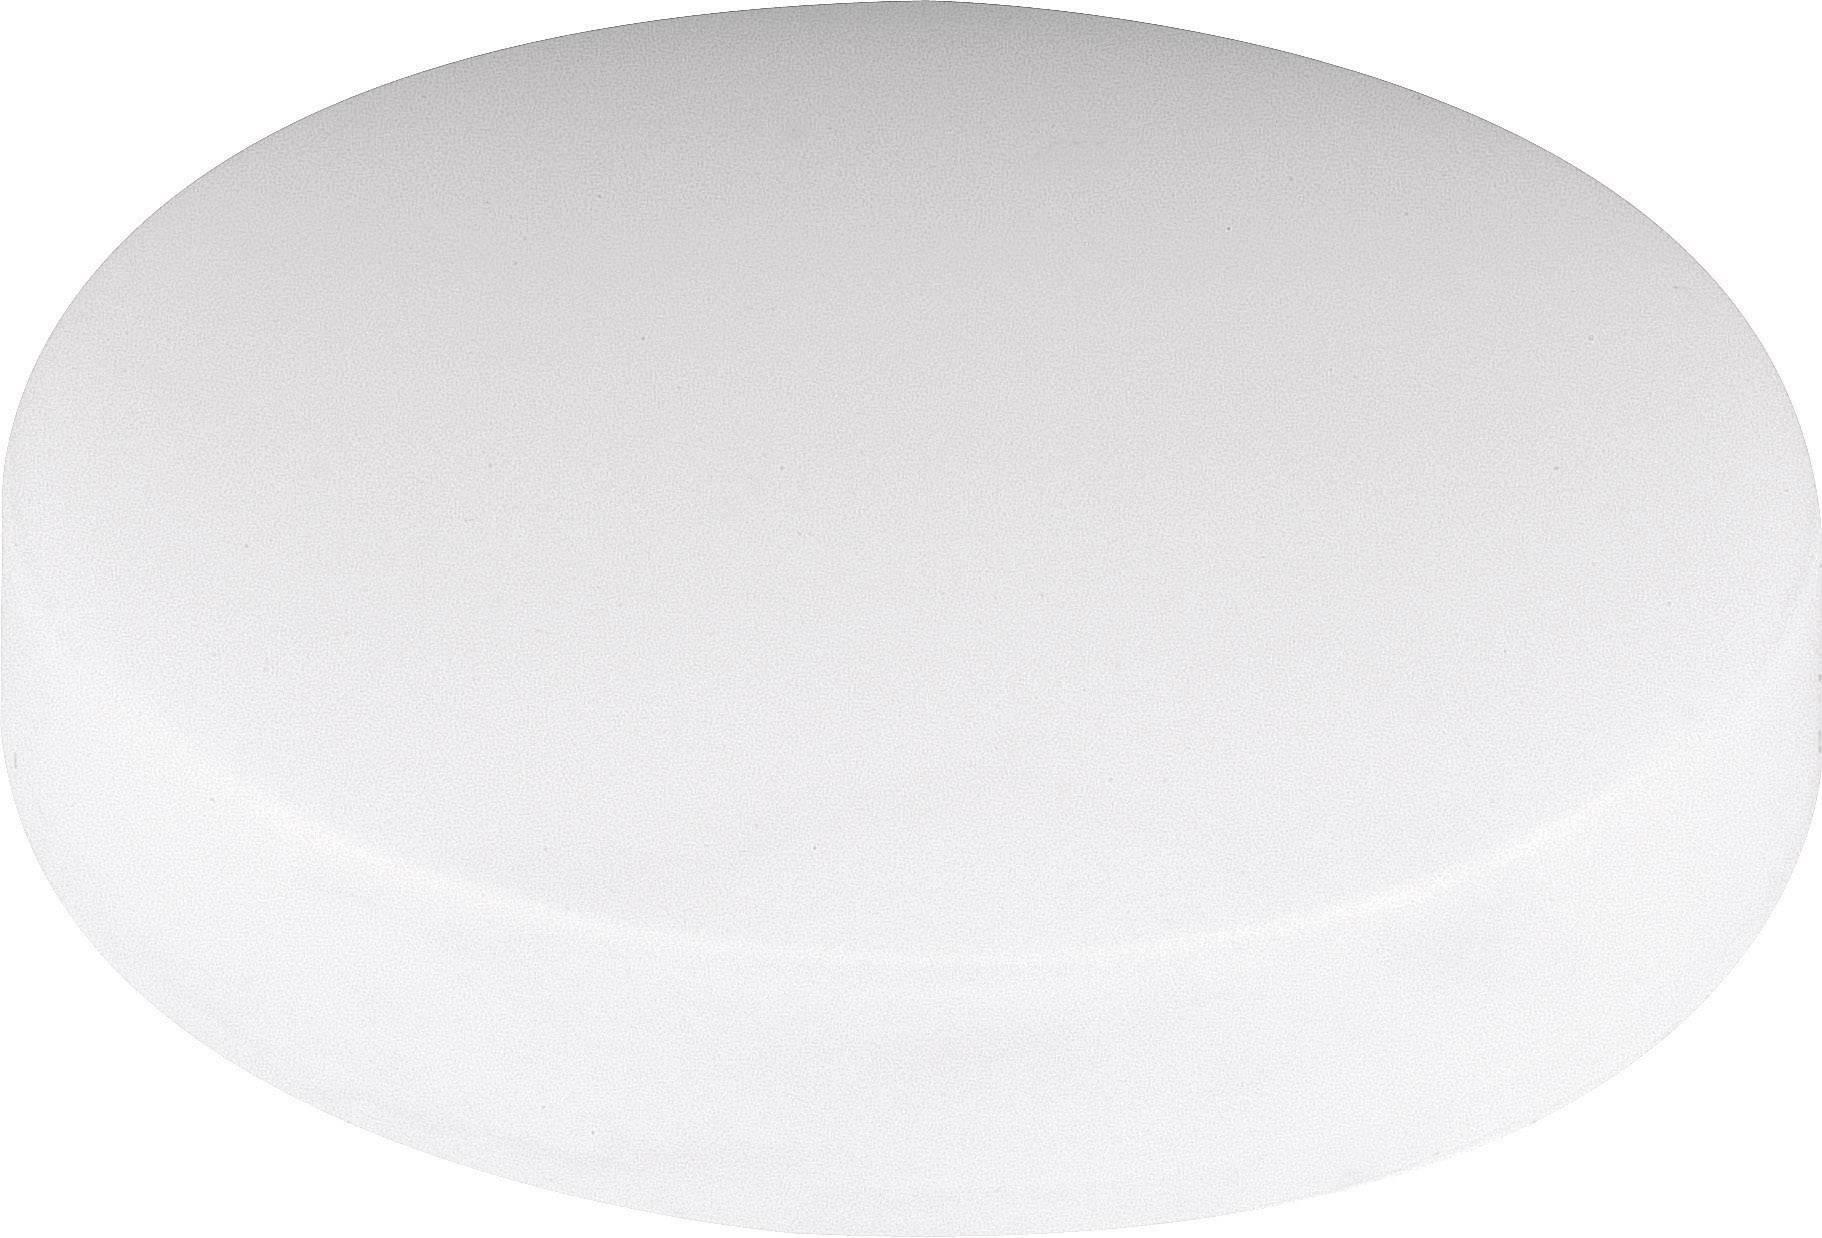 Stínítko reflektoru, Mentor 2450.0800, zelená, Ø 12 mm